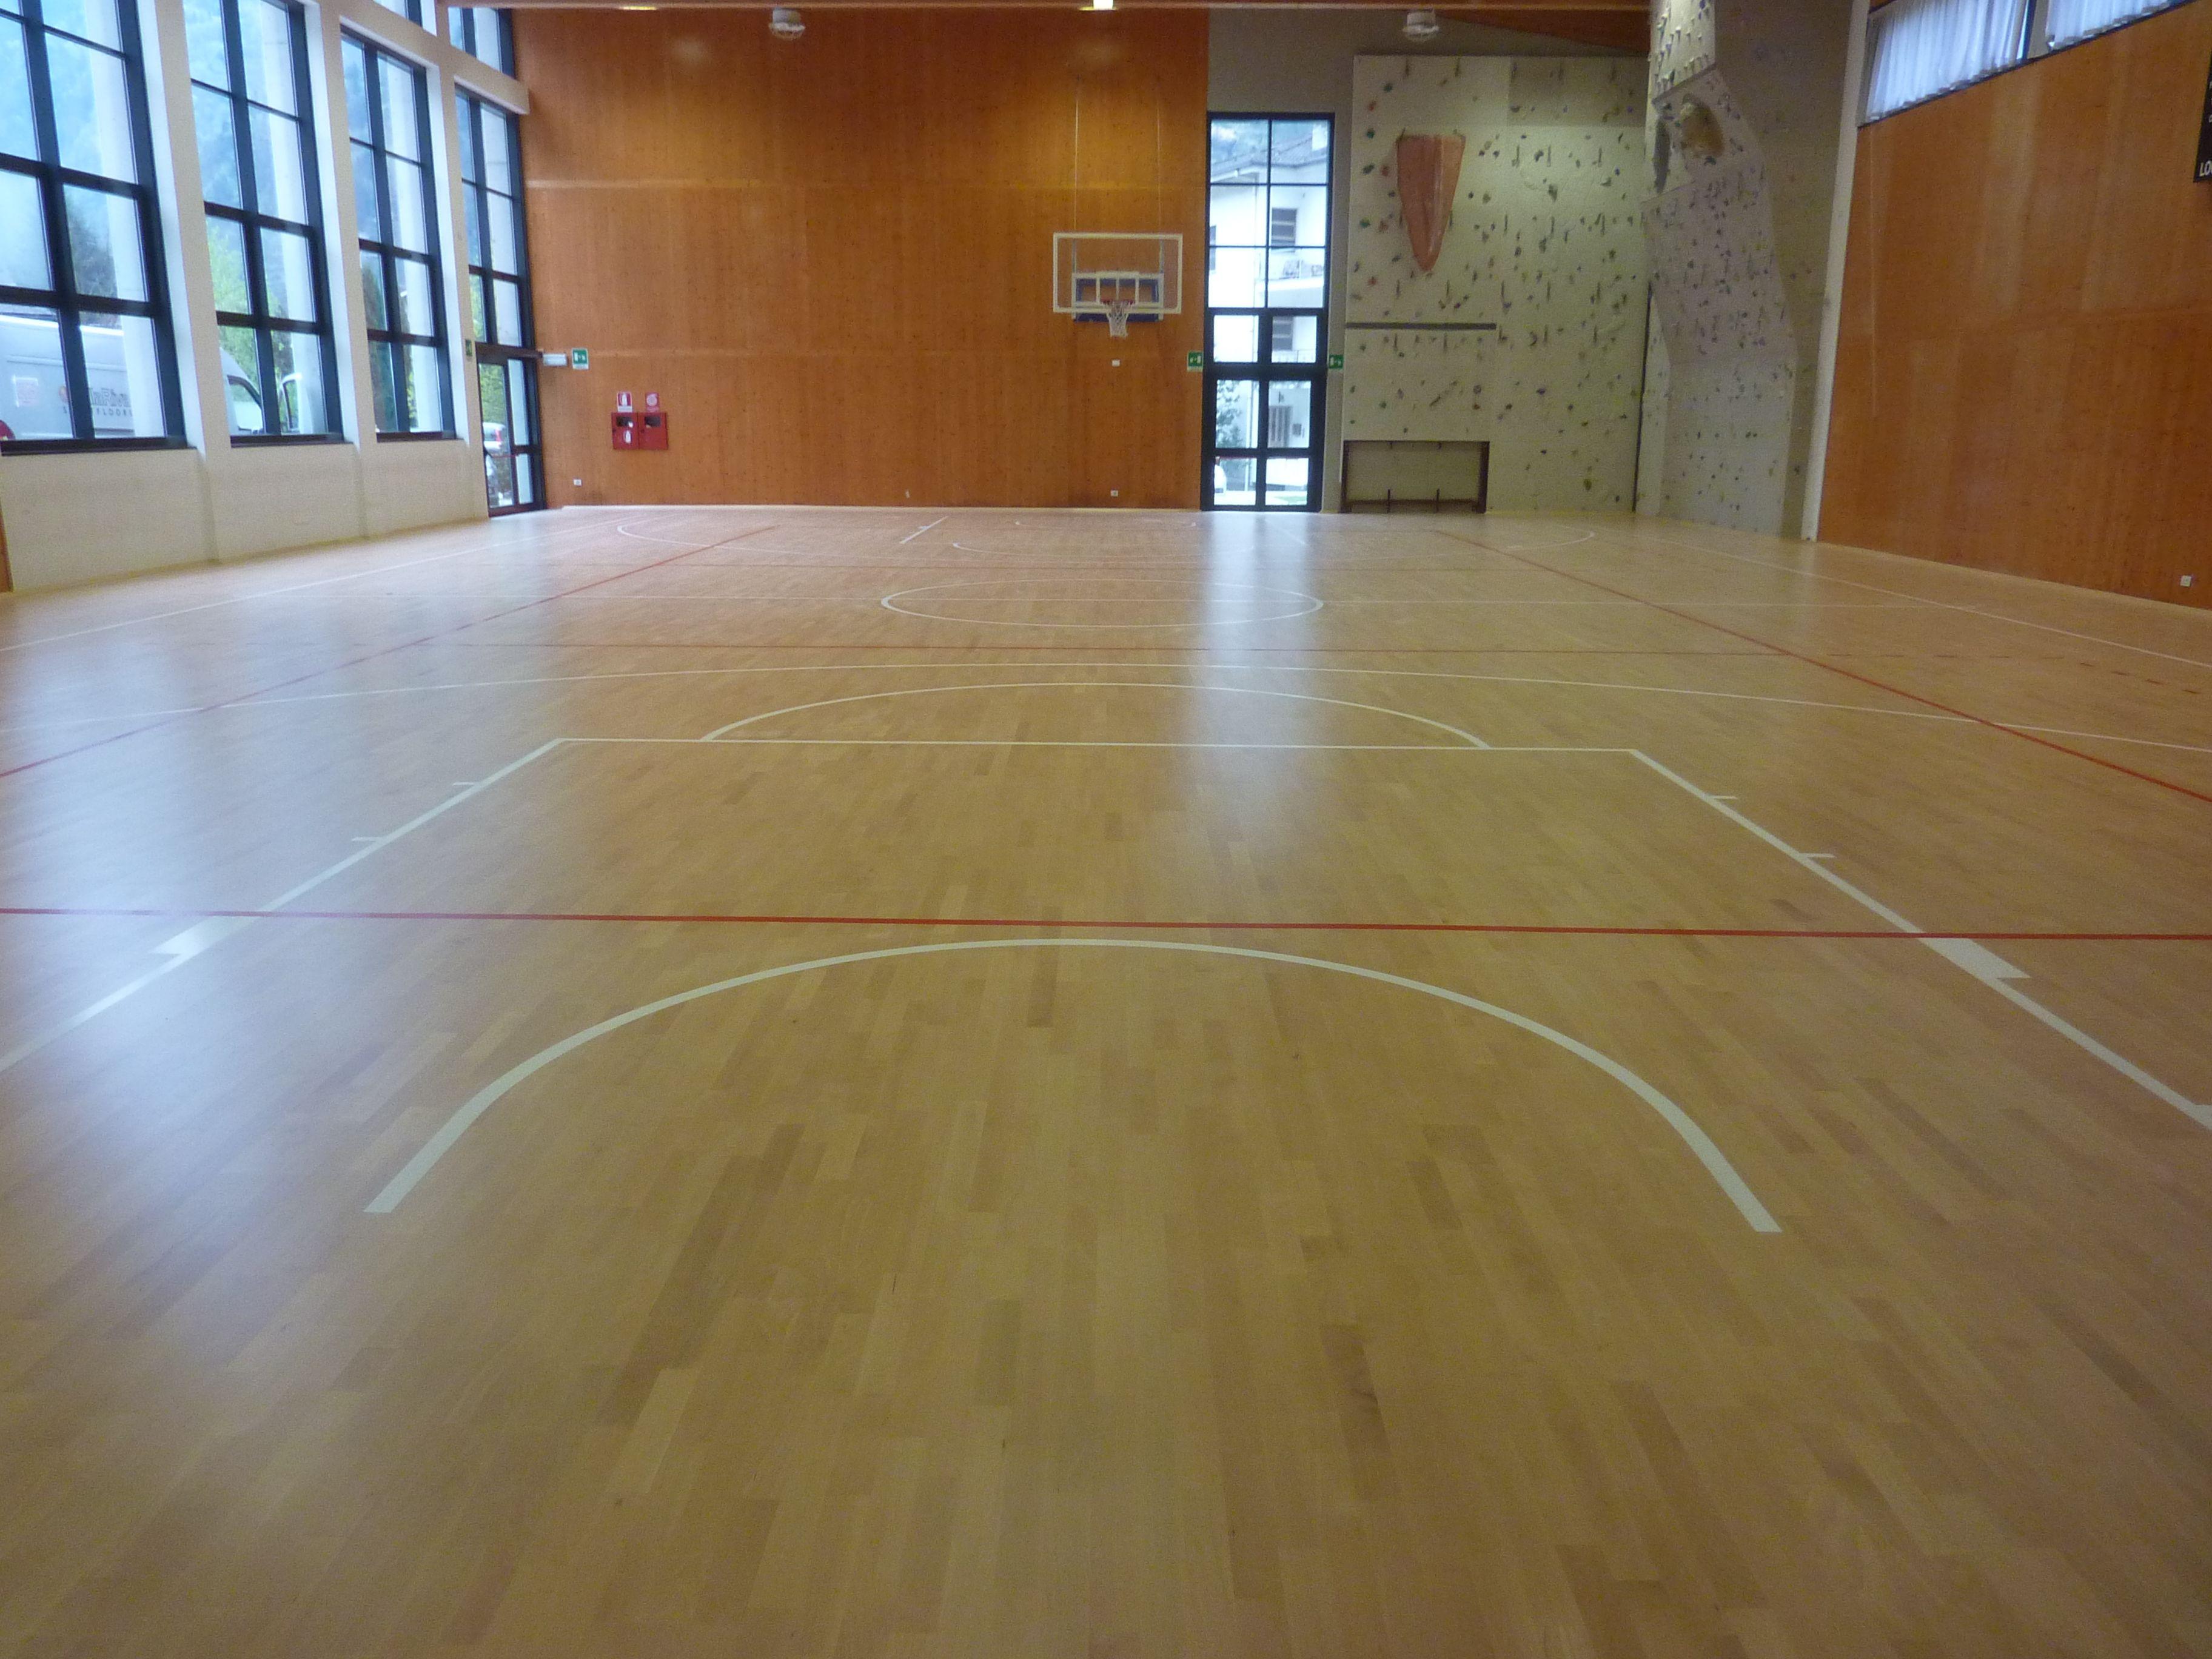 Il parquet di Piuro, come tutti quelli firmati Dalla Riva Sportfloors, si presta ad un'attività non soltanto agonistico-sportiva ma anche scolastica